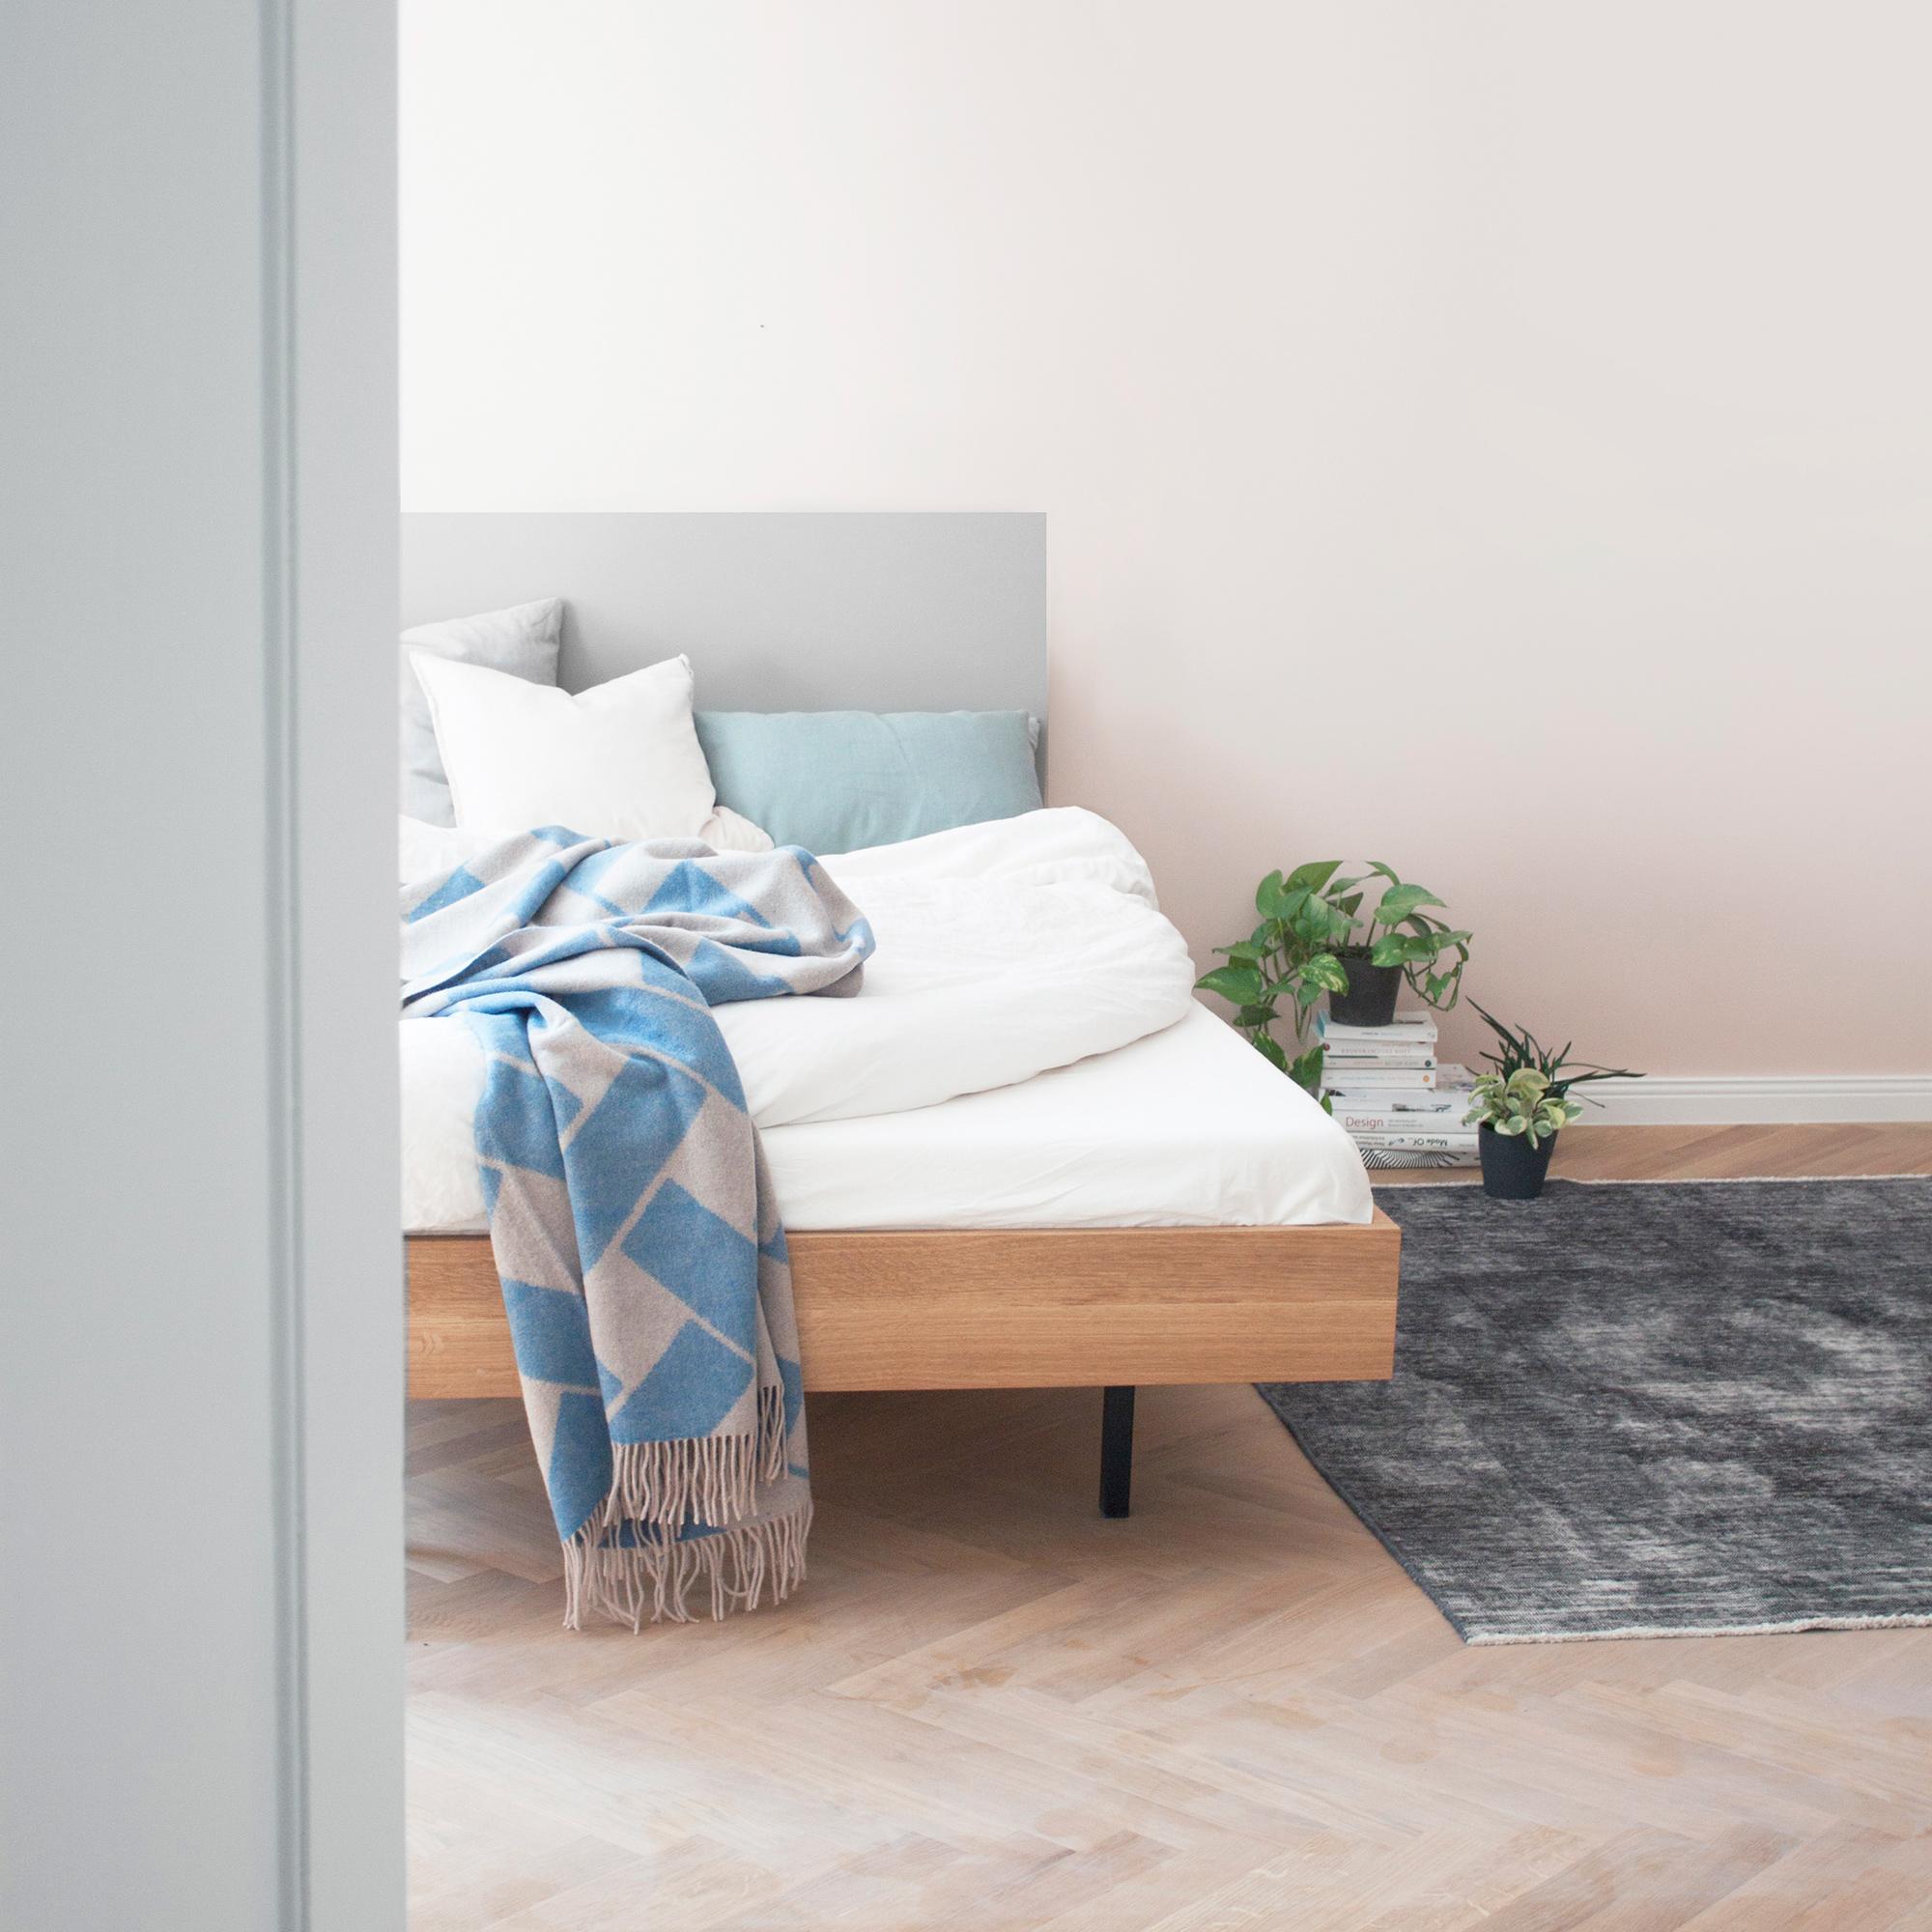 Schlafzimmer Interieur mit Unidorm Bett